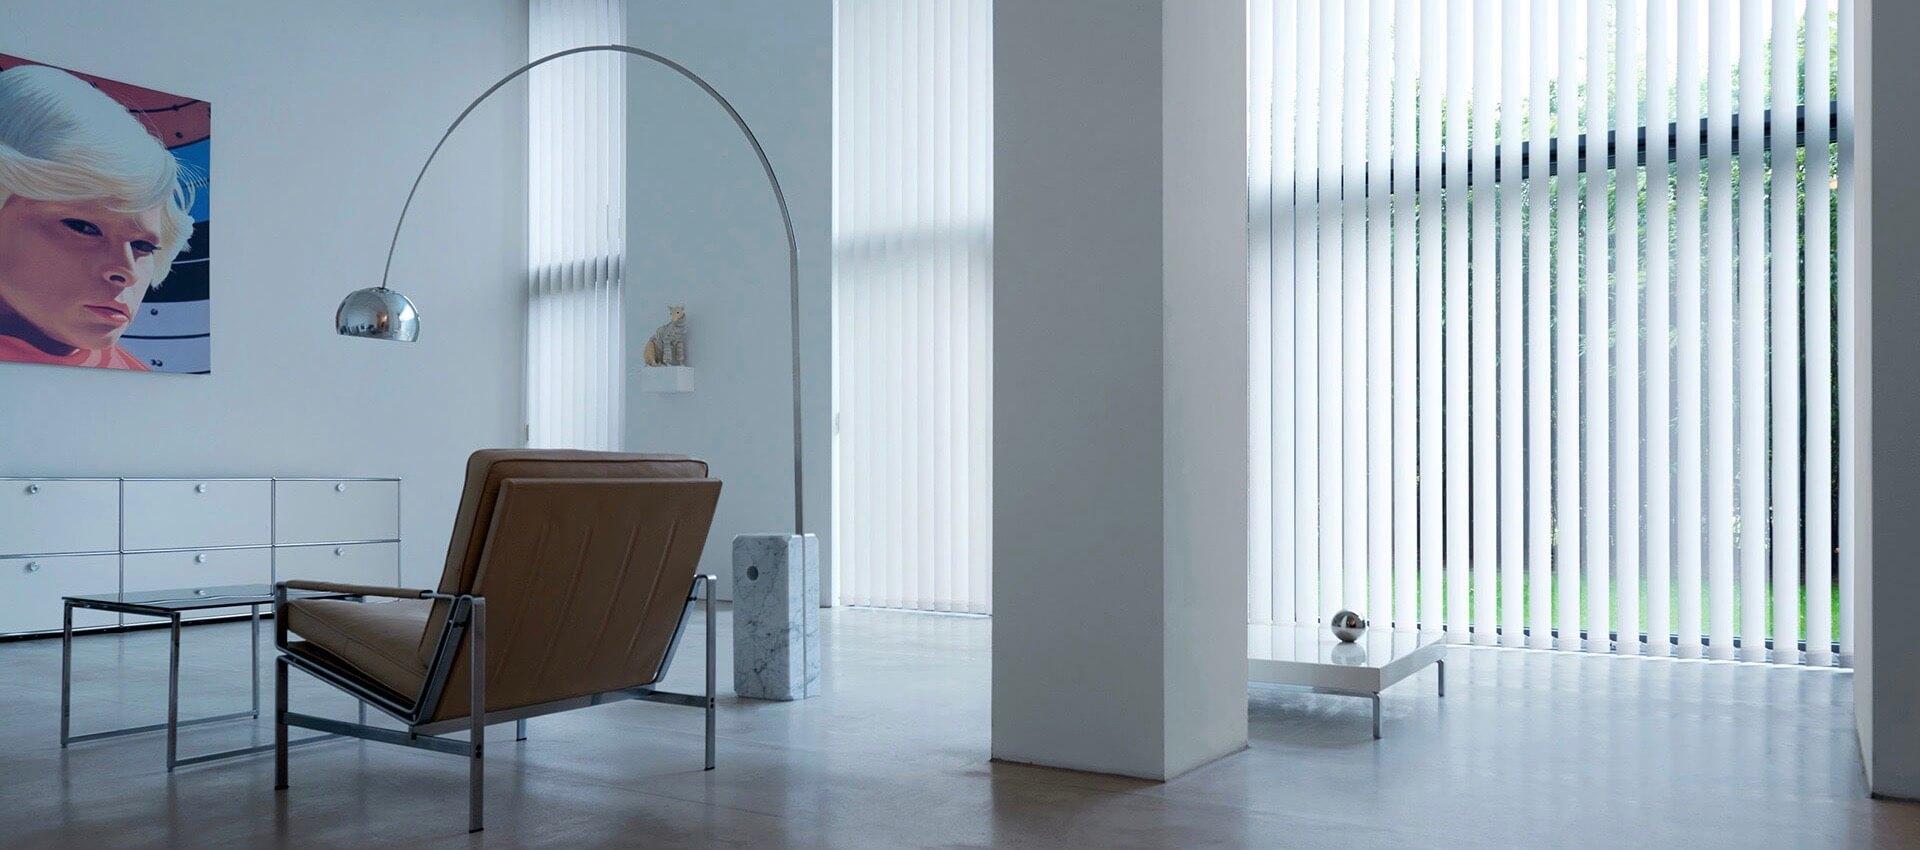 verticle blinds slider